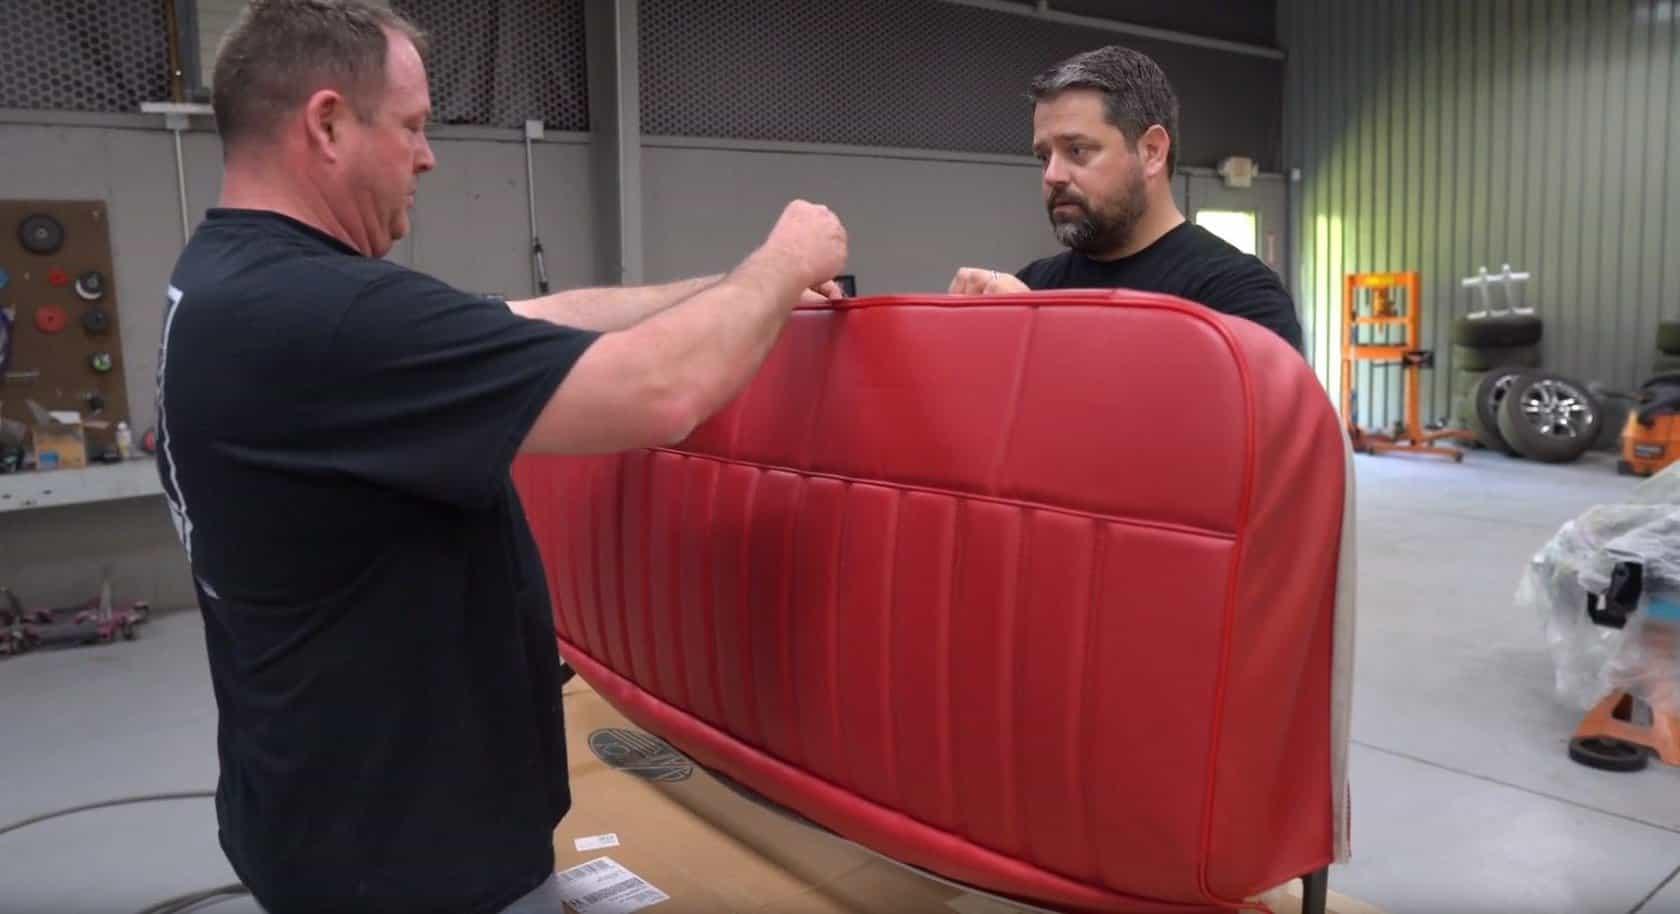 c10 truck install upholster